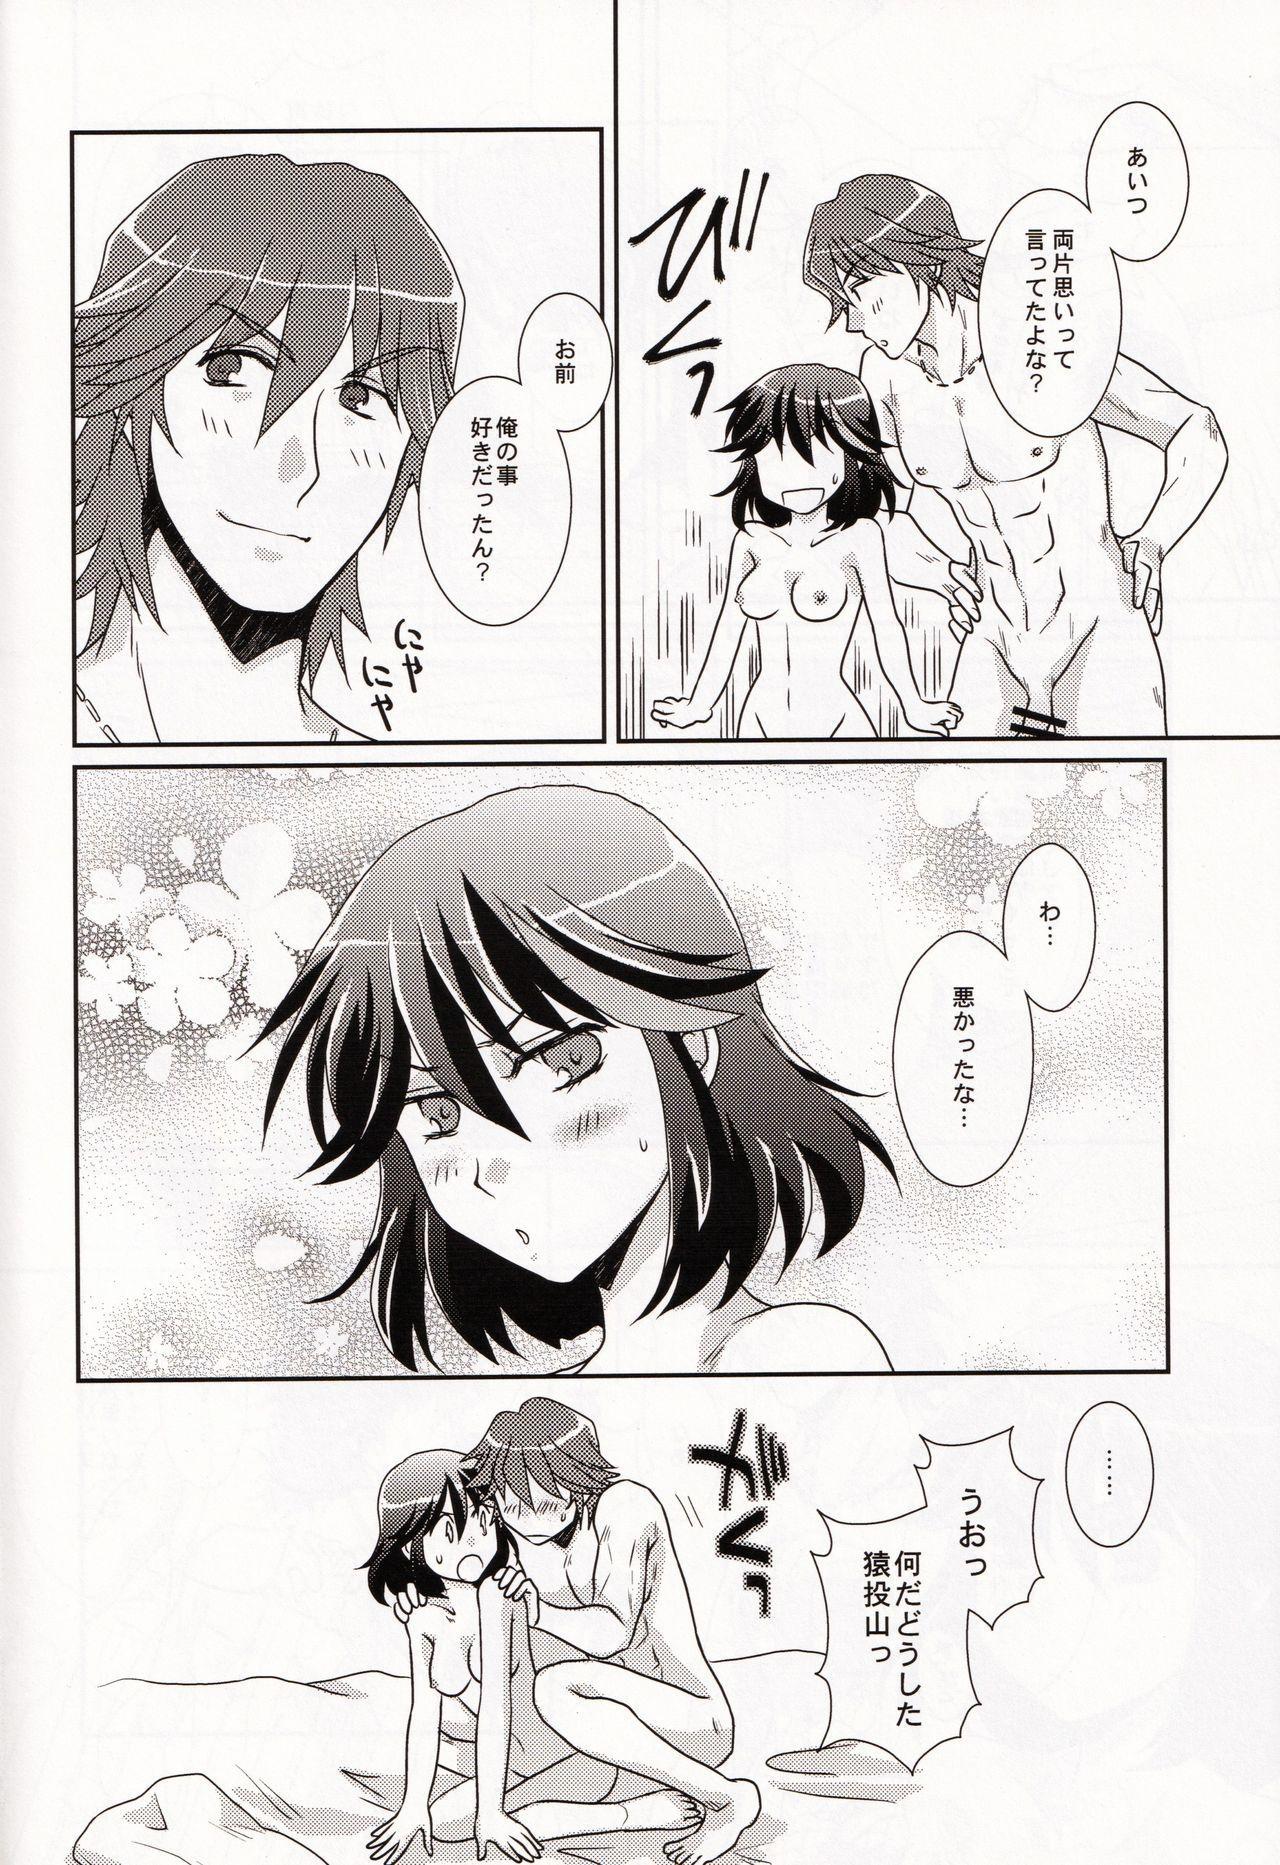 (SUPER26) [Ishin Denshin (Yuusa Riki)] Ore no Kanojo (Kari) ga Otokomae Sugite Mou Horeru shika Nai. (Kill la Kill) 27